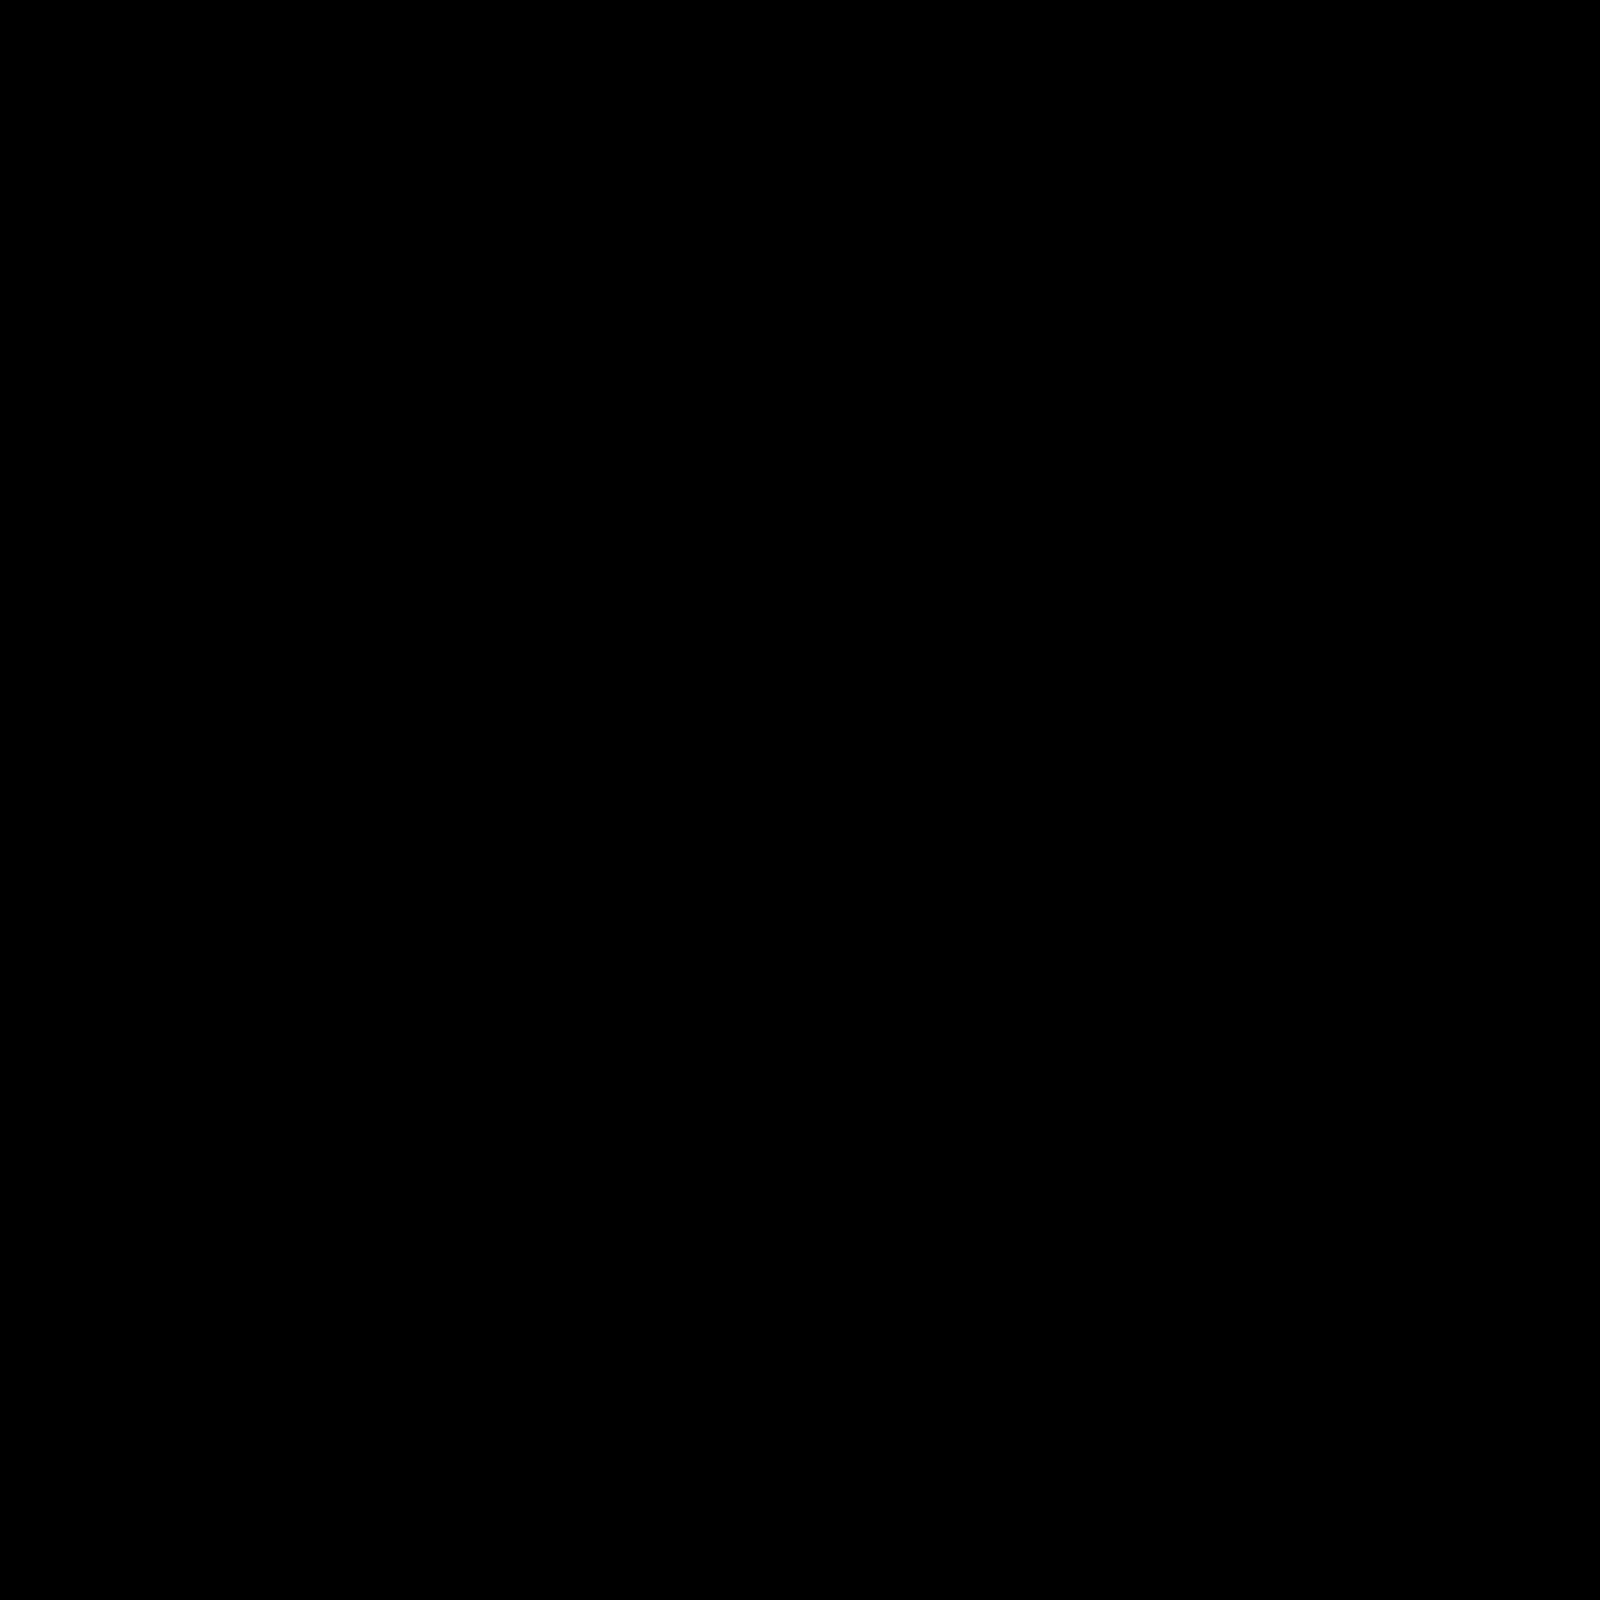 纸 icon. This icon is a rectangle, with the short lines being horizontal and the long lines being vertical. At the bottom of the rectangle then ends curl up making a scroll effect. The curve of the lines go inwards toward the front of the rectangle and show what would be the backside of the shape.